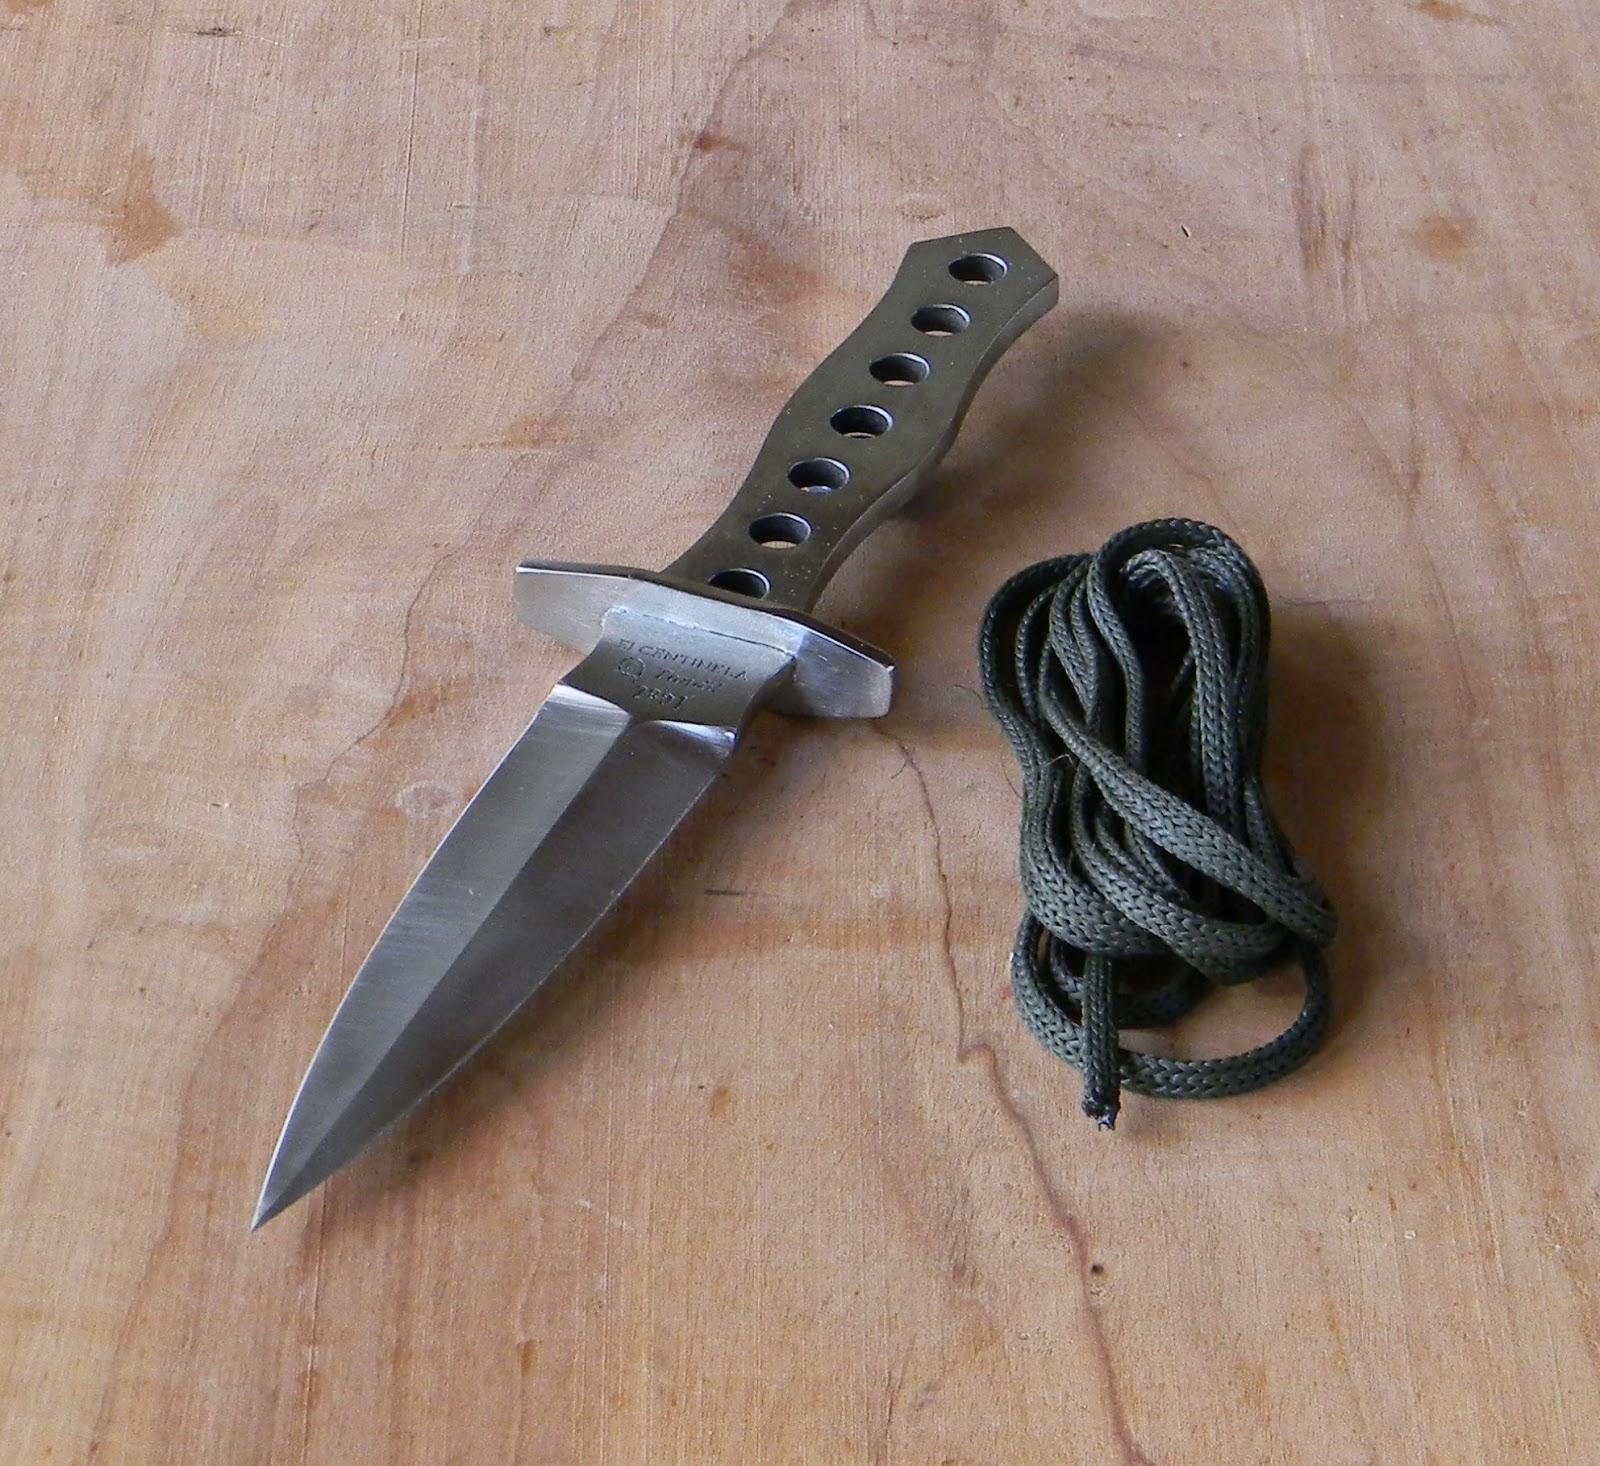 El Centinela Cuchillos Artesanales Tactical Dagger diseo de una Daga Tctica